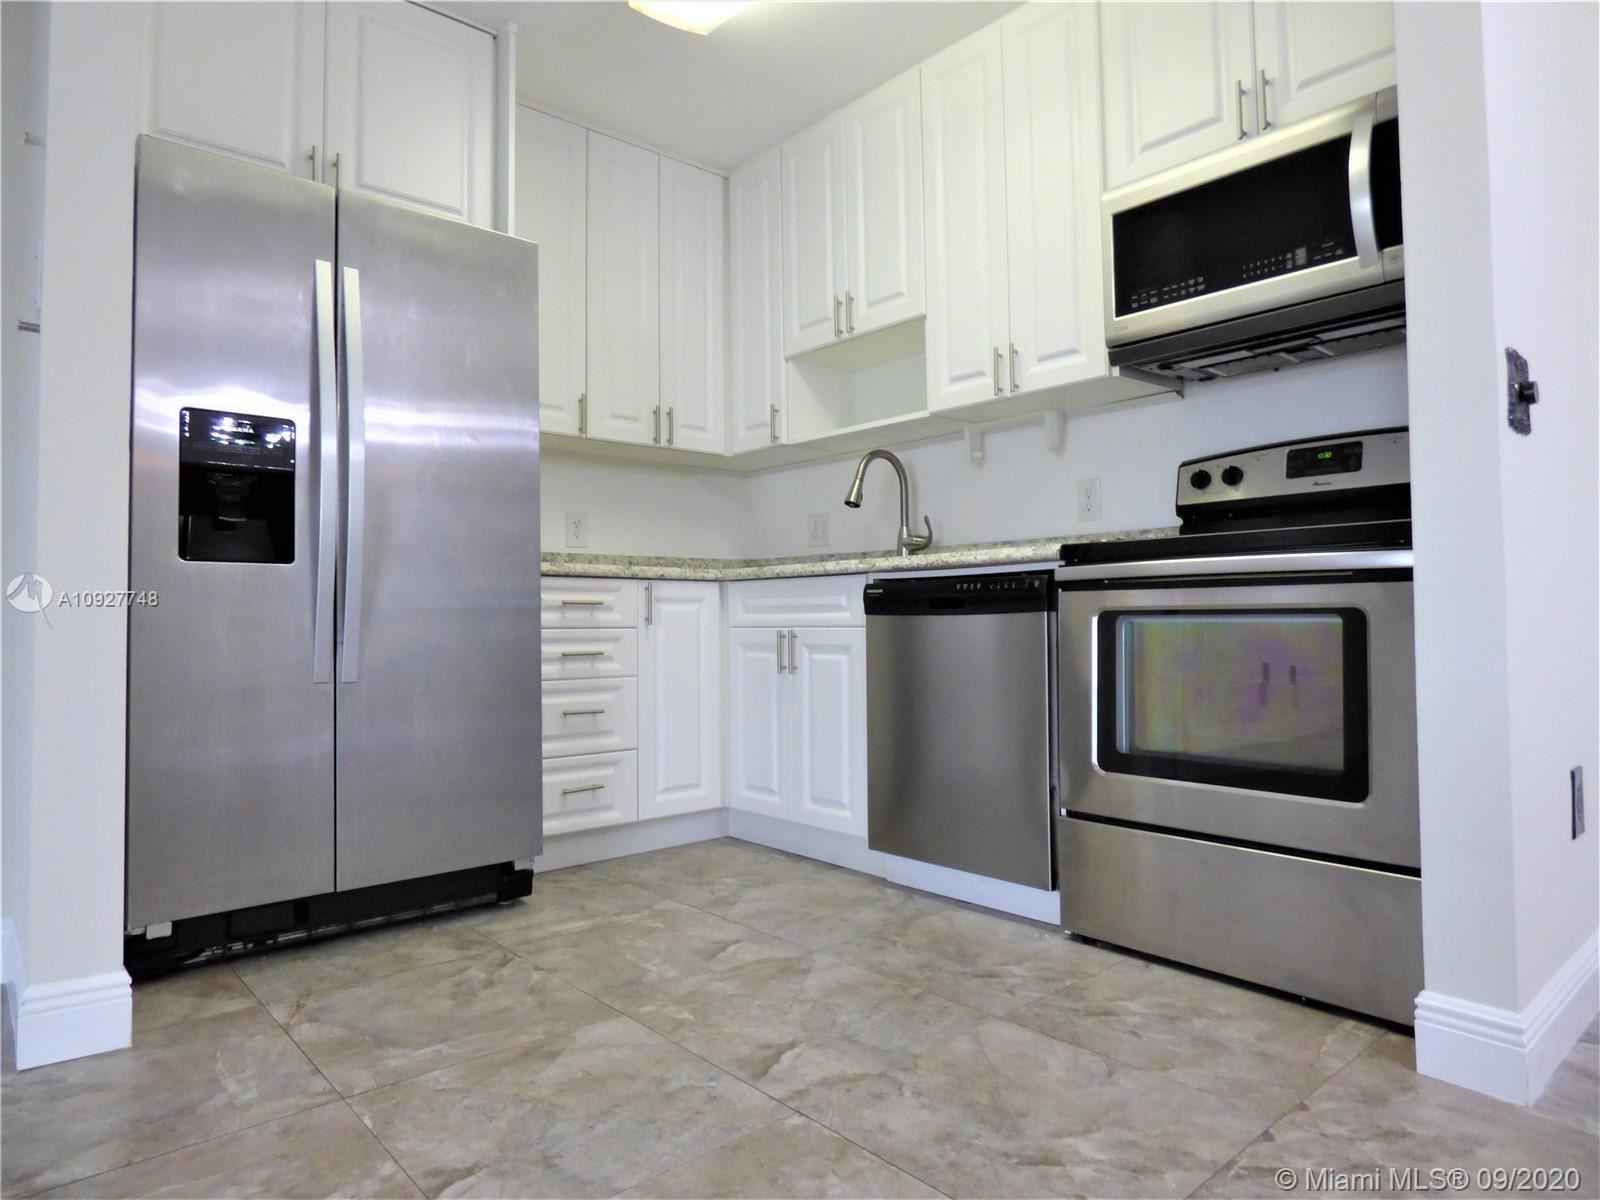 9725 Hammocks Blvd #104F, Miami, FL 33196 - #: A10927748